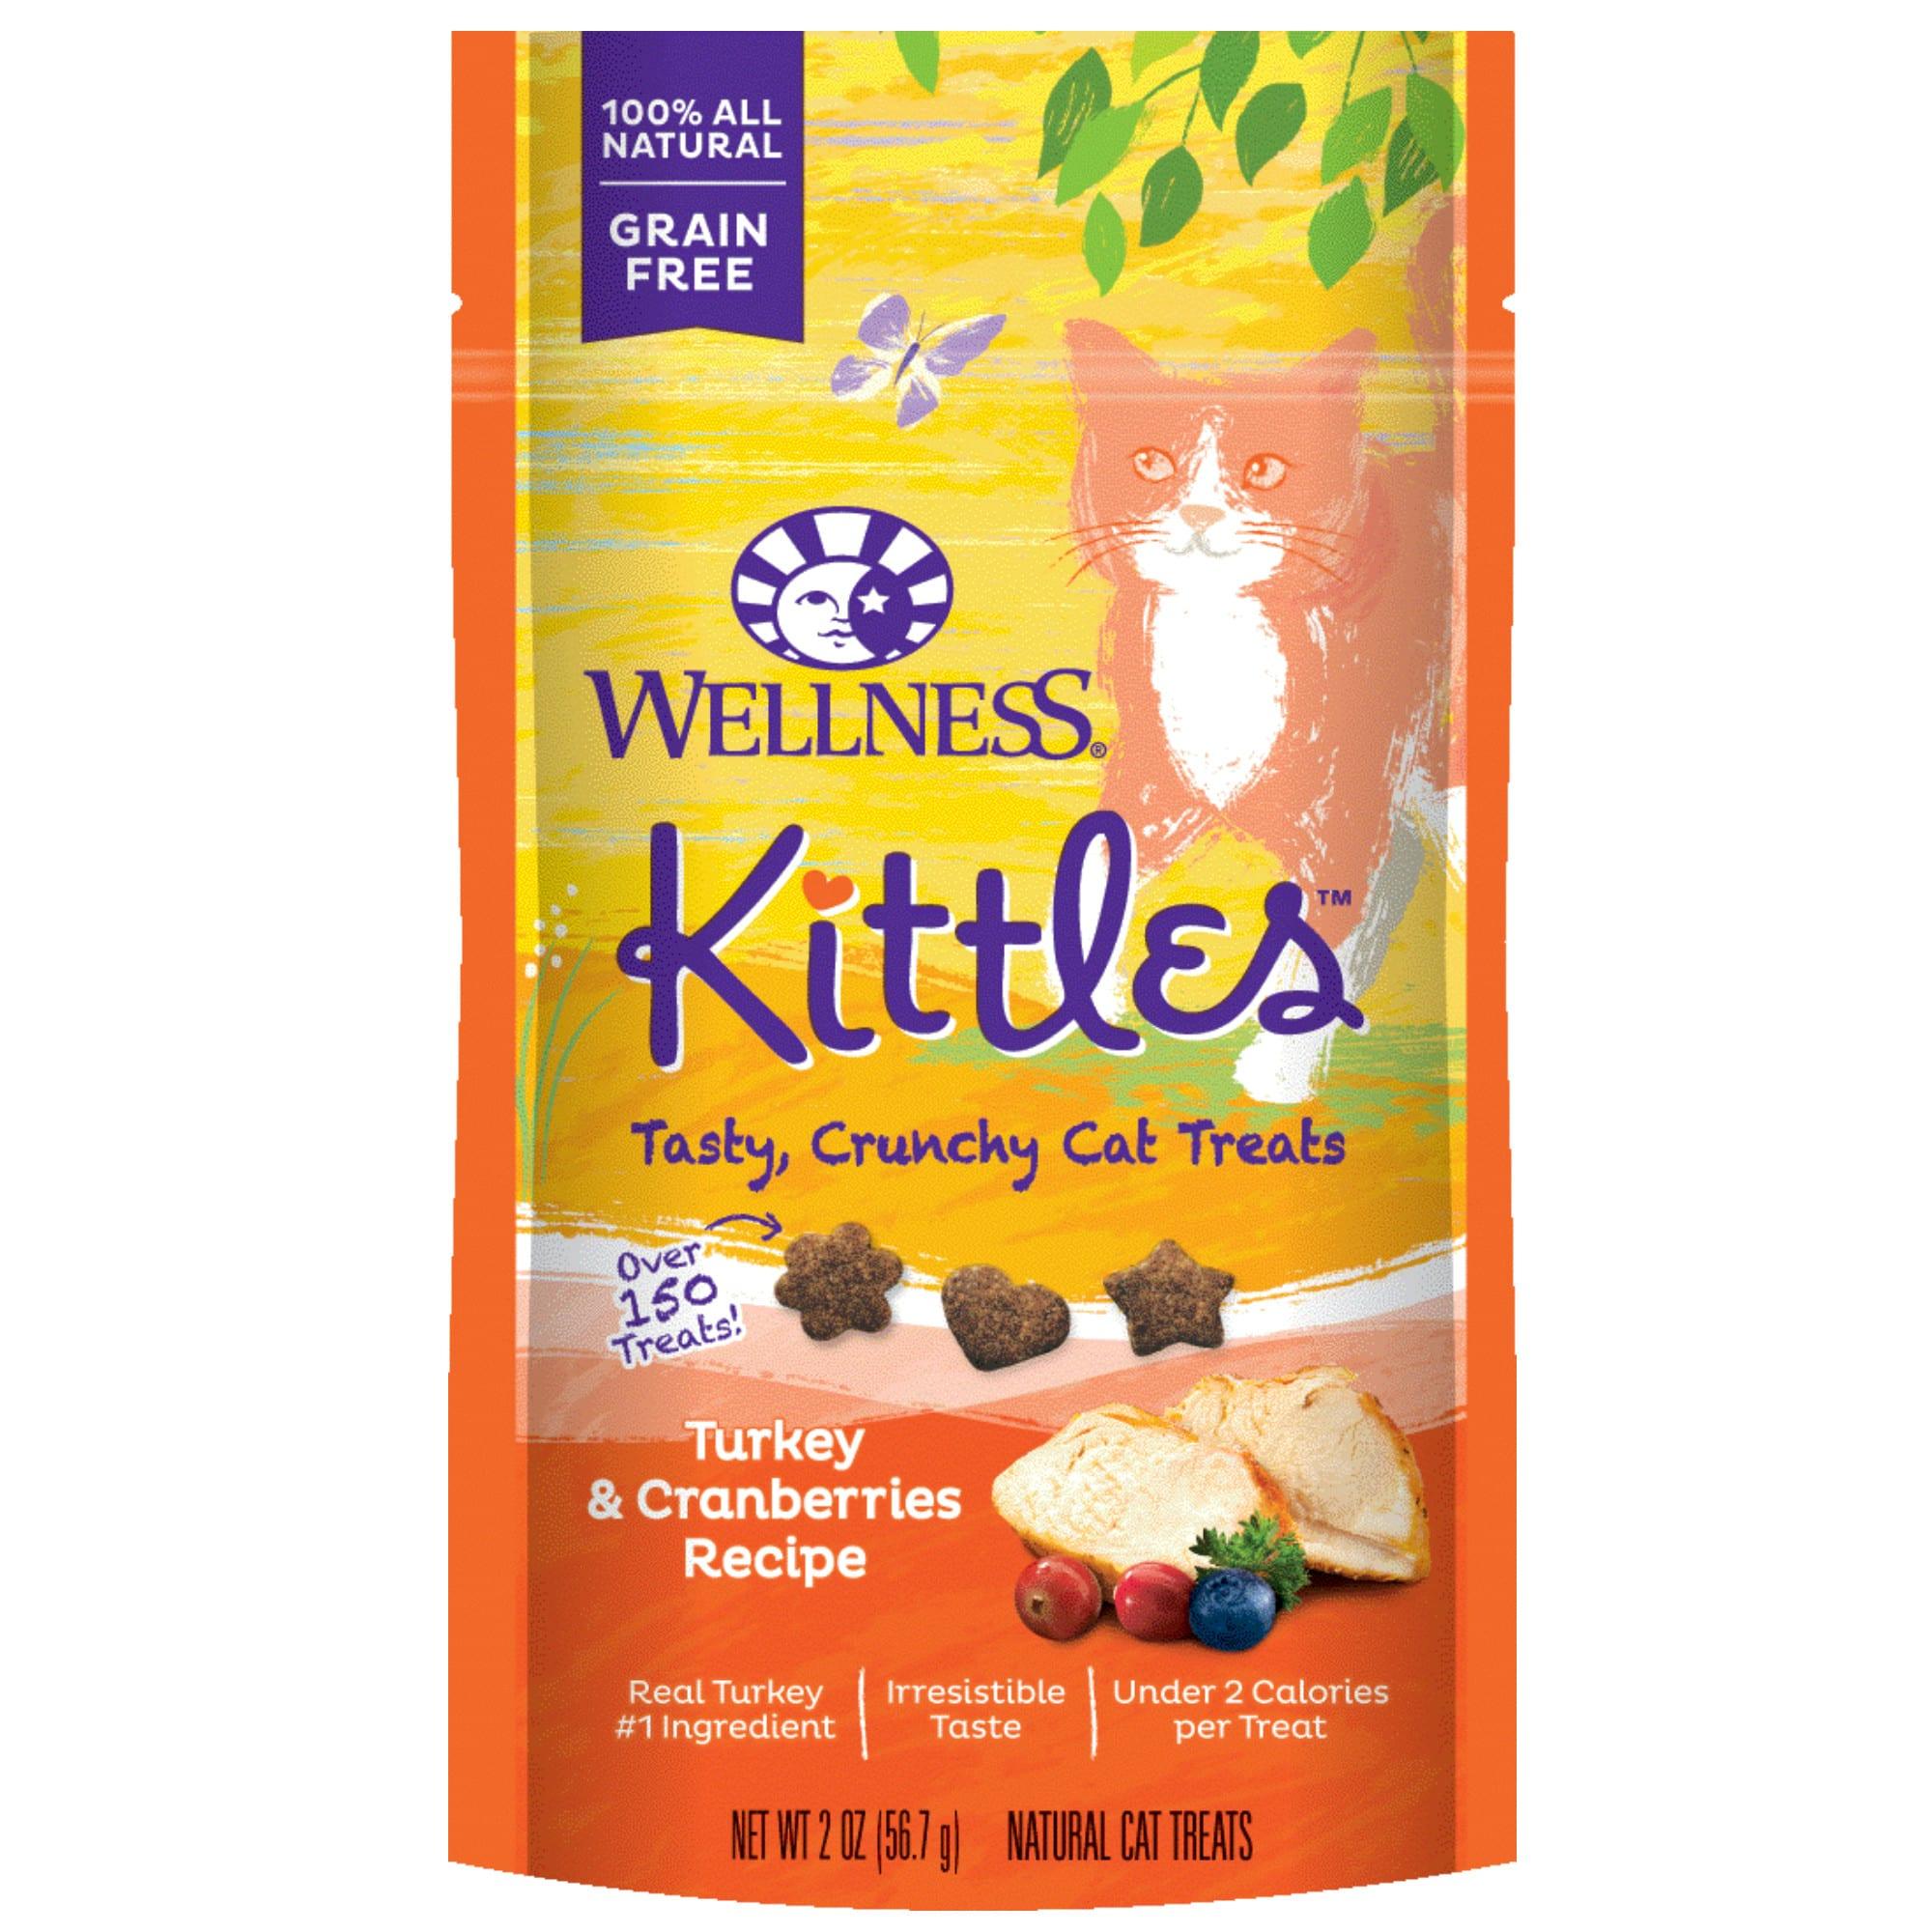 Wellness Kittles Crunchy Natural Grain Free Cat Treats